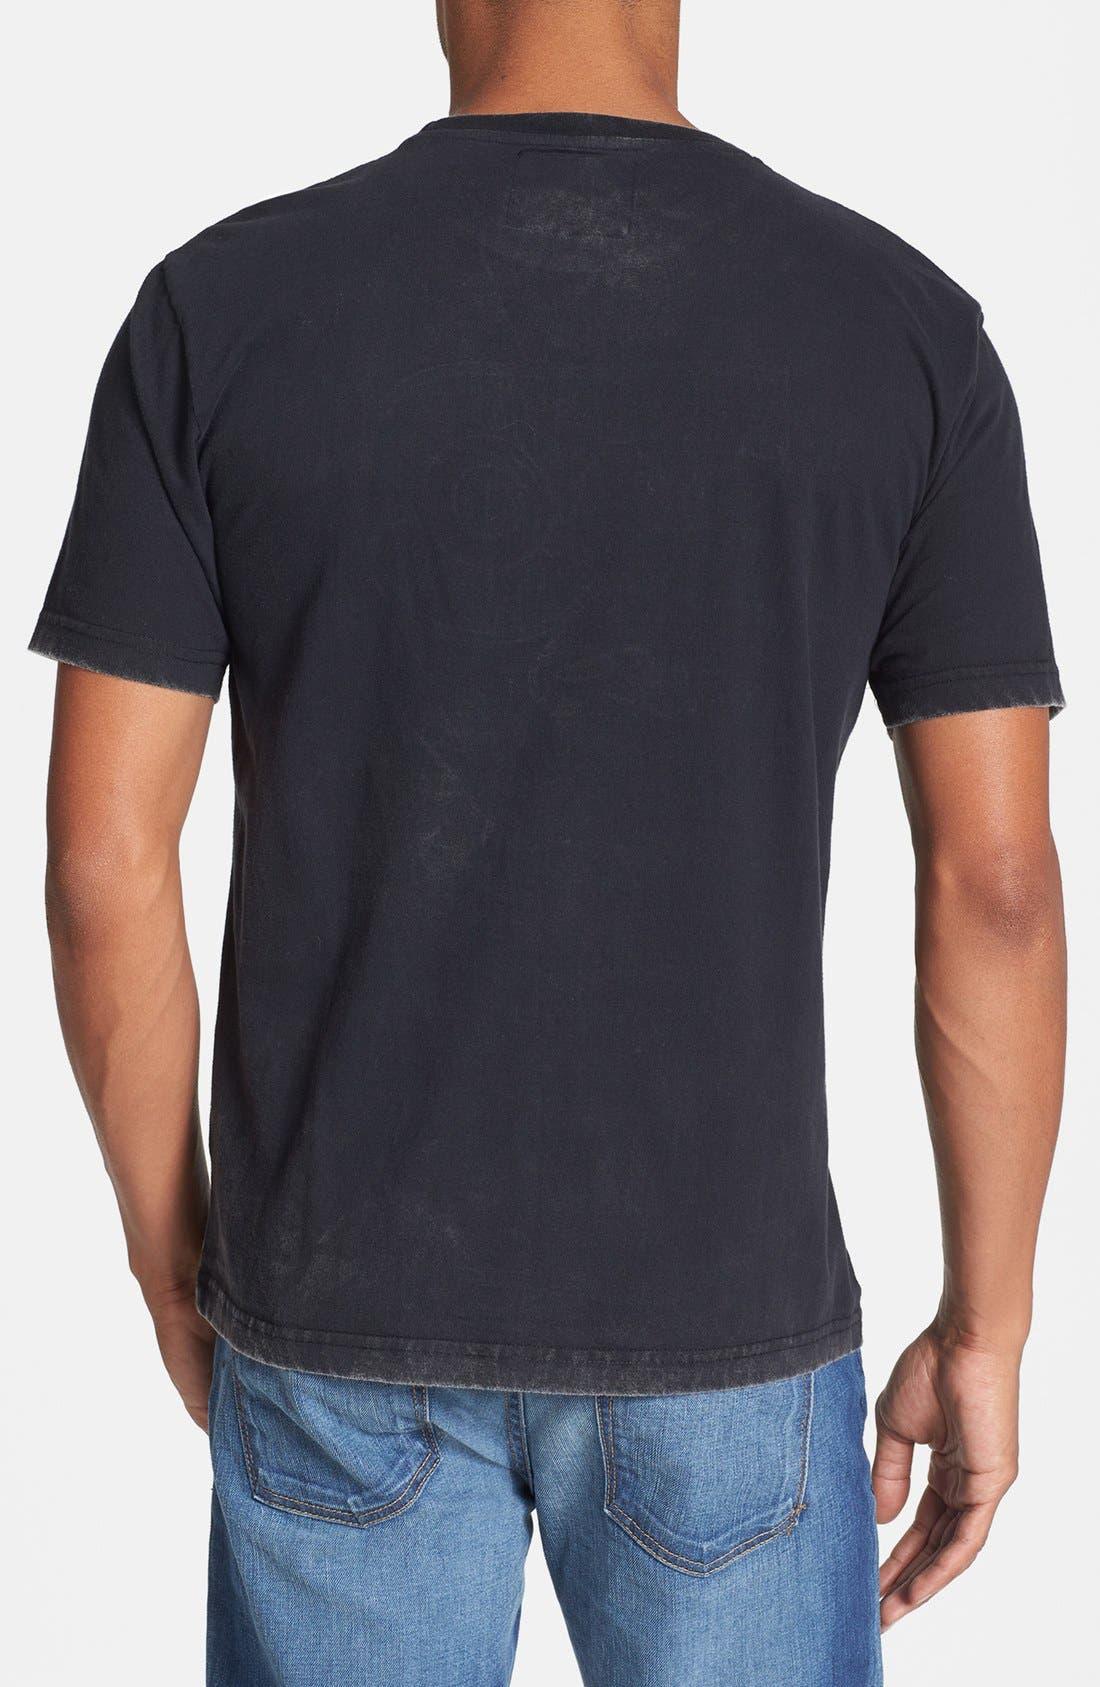 Alternate Image 2  - Red Jacket 'Deadringer - Philadelphia Flyers' T-Shirt